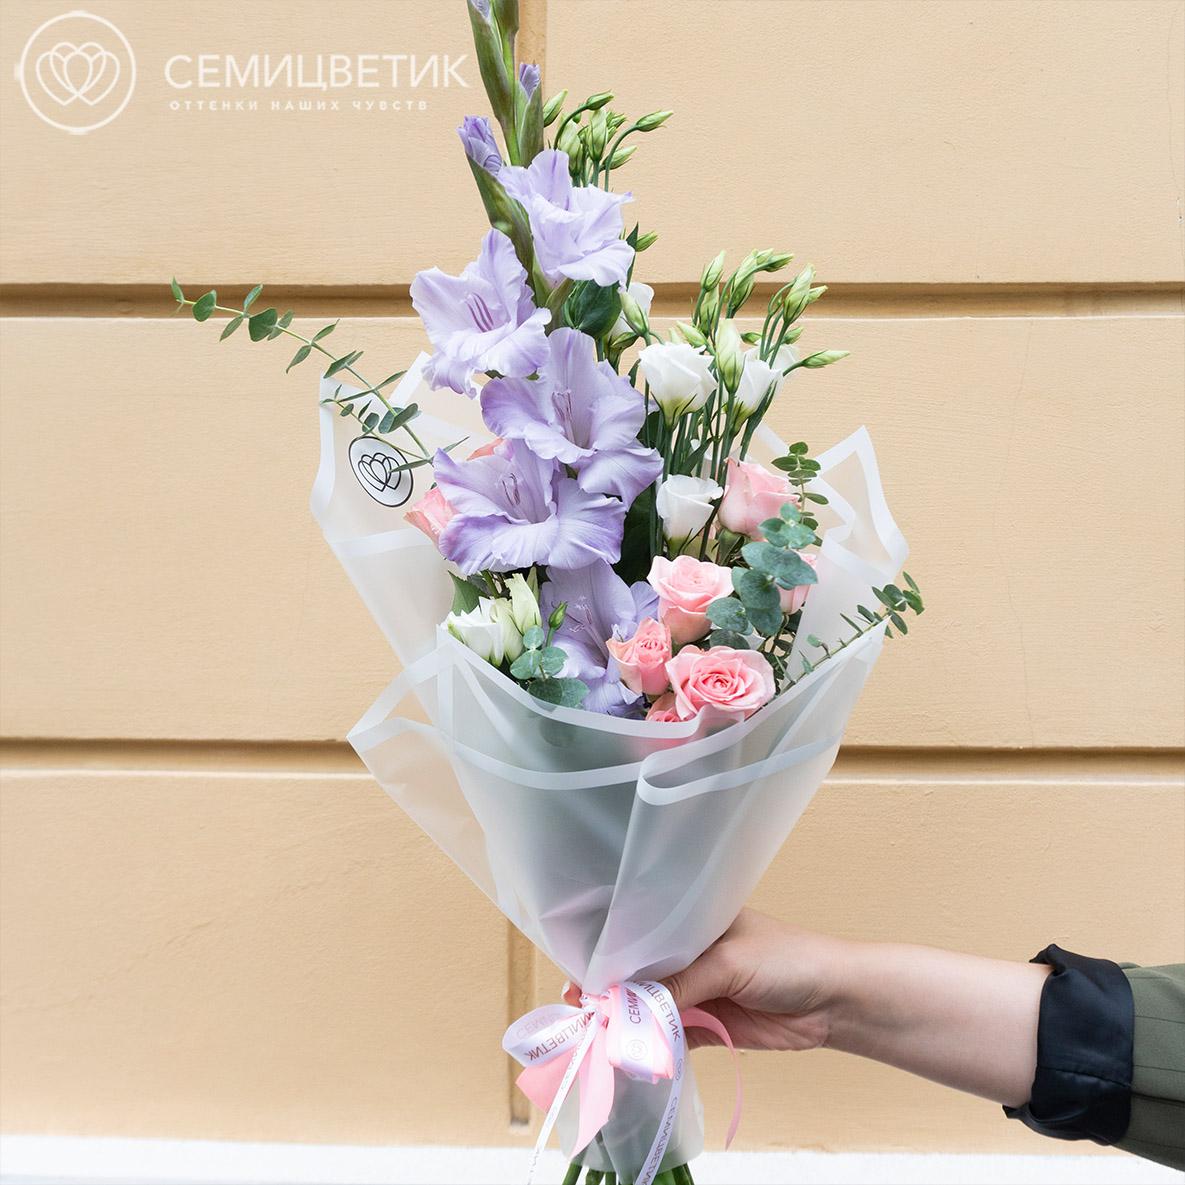 Букет из гладиолуса, кустовой розы и лизиантуса в дизайнерской упаковке фото